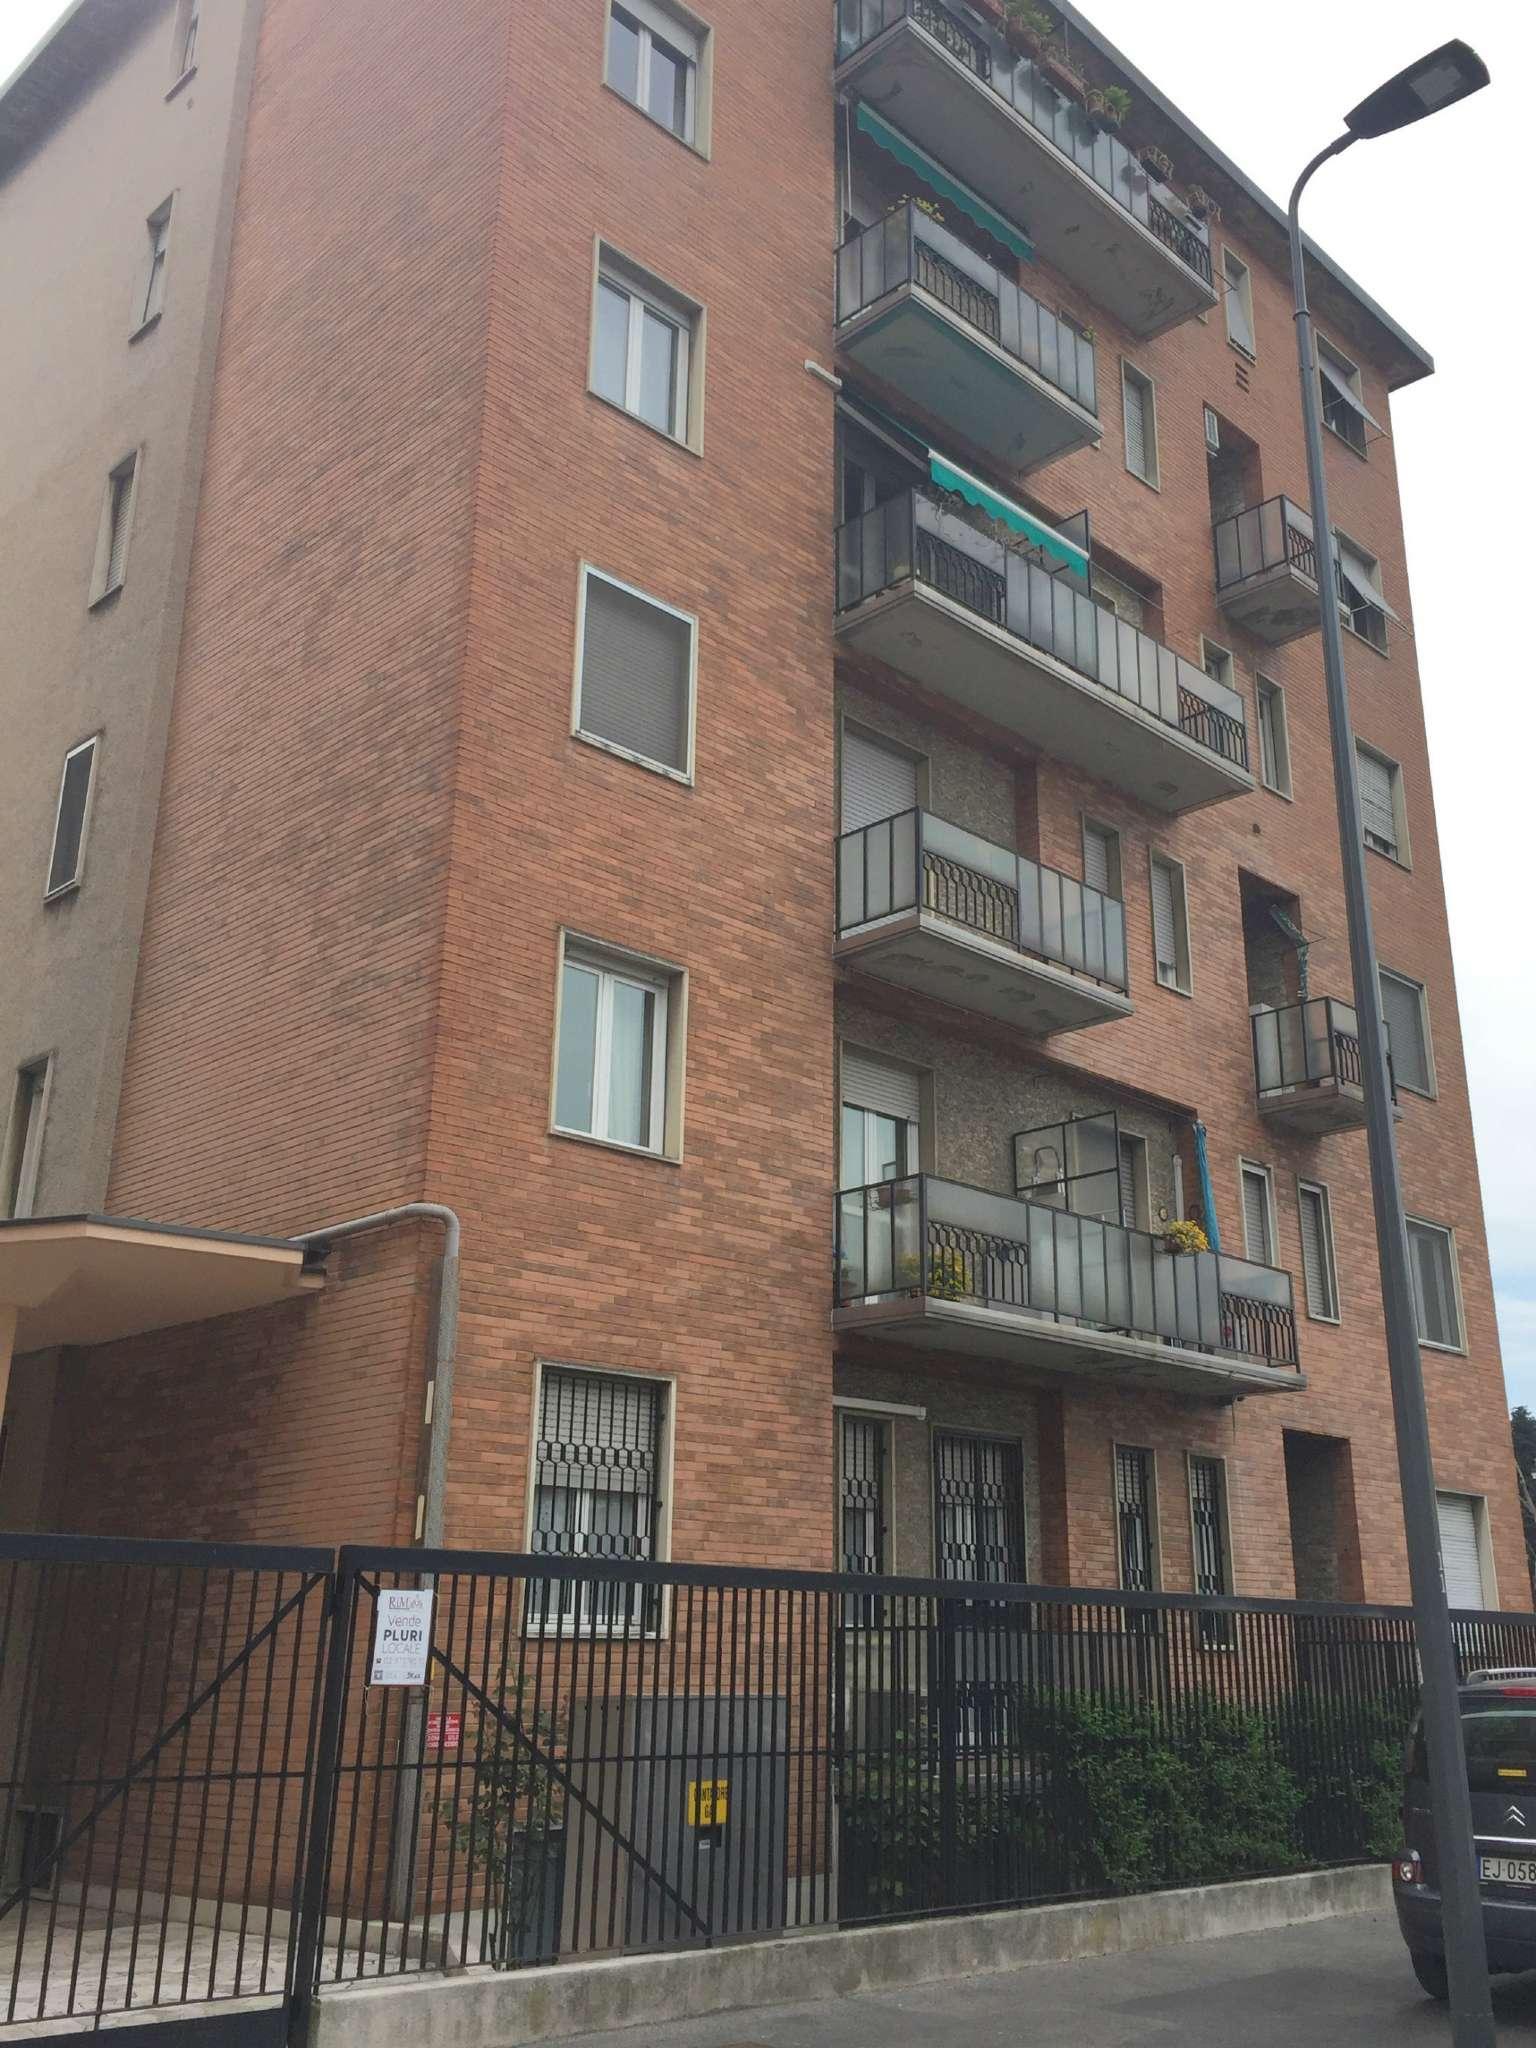 Cerco casa milano mi appartamento in vendita a milano mi lotto casa - Casa it milano vendita ...